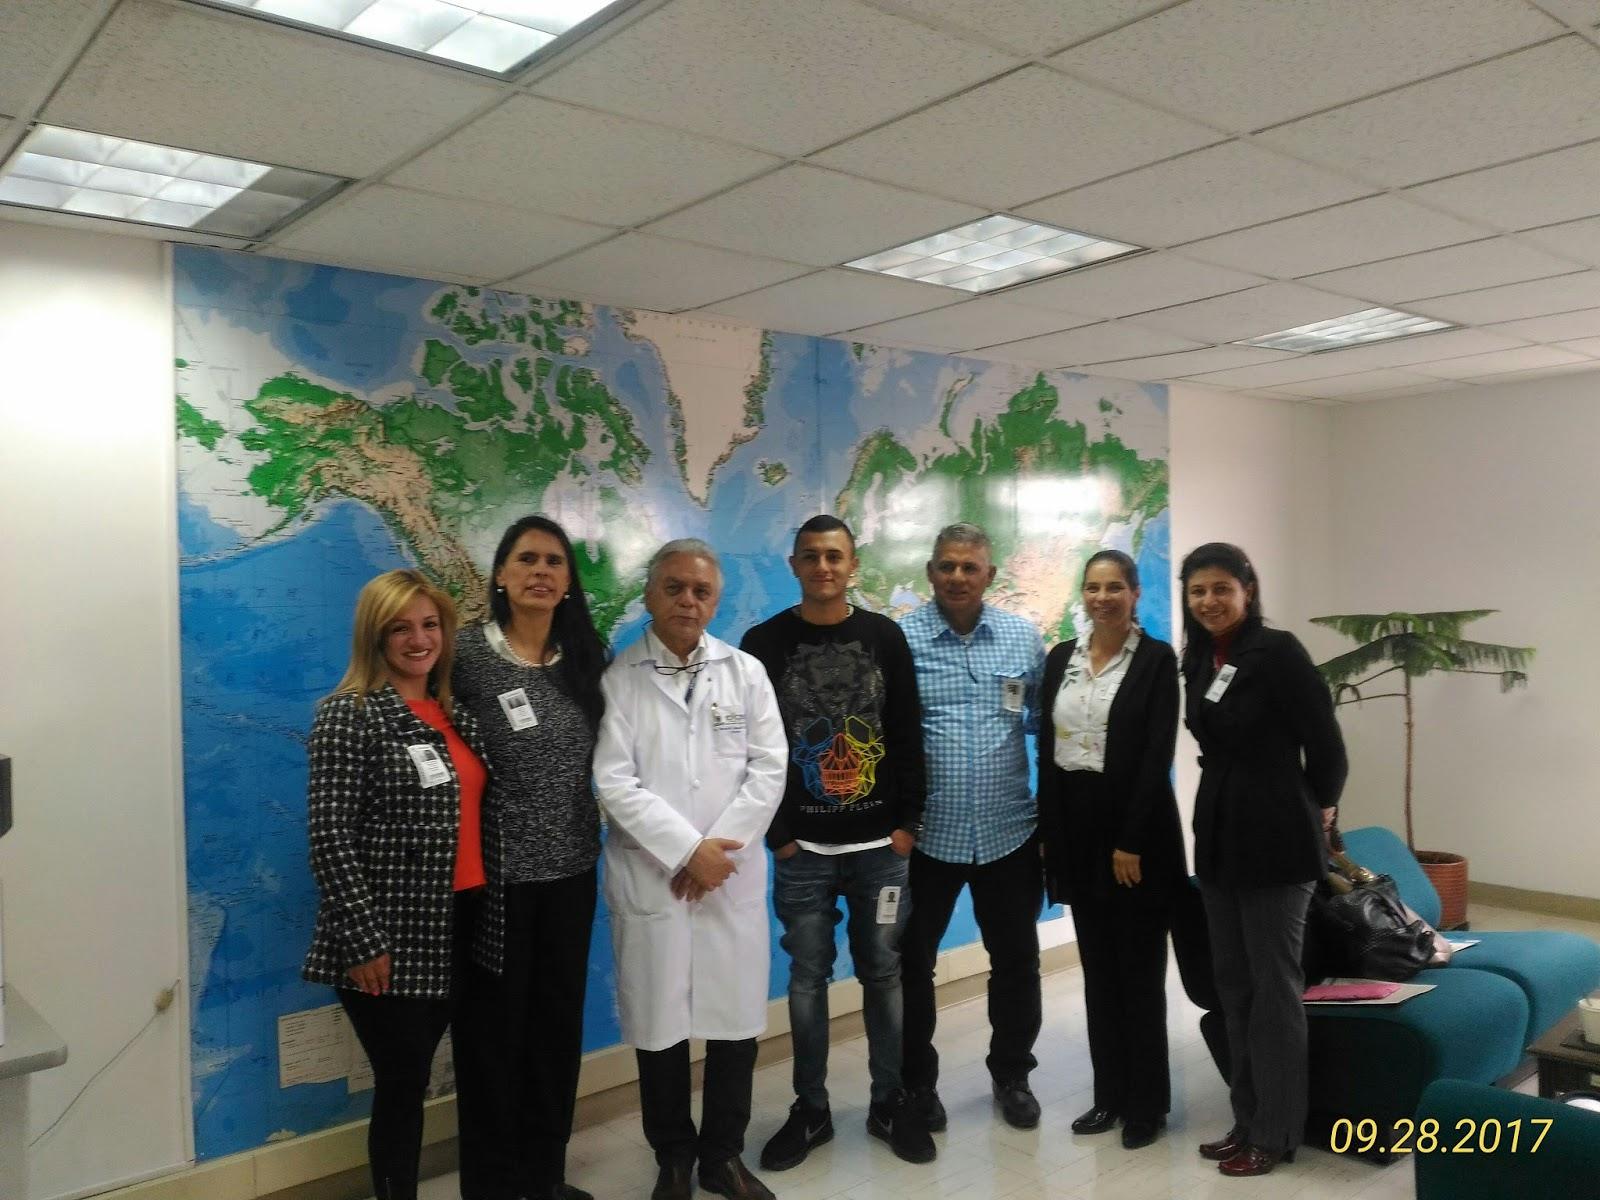 fundación de investigación de diabetes miami